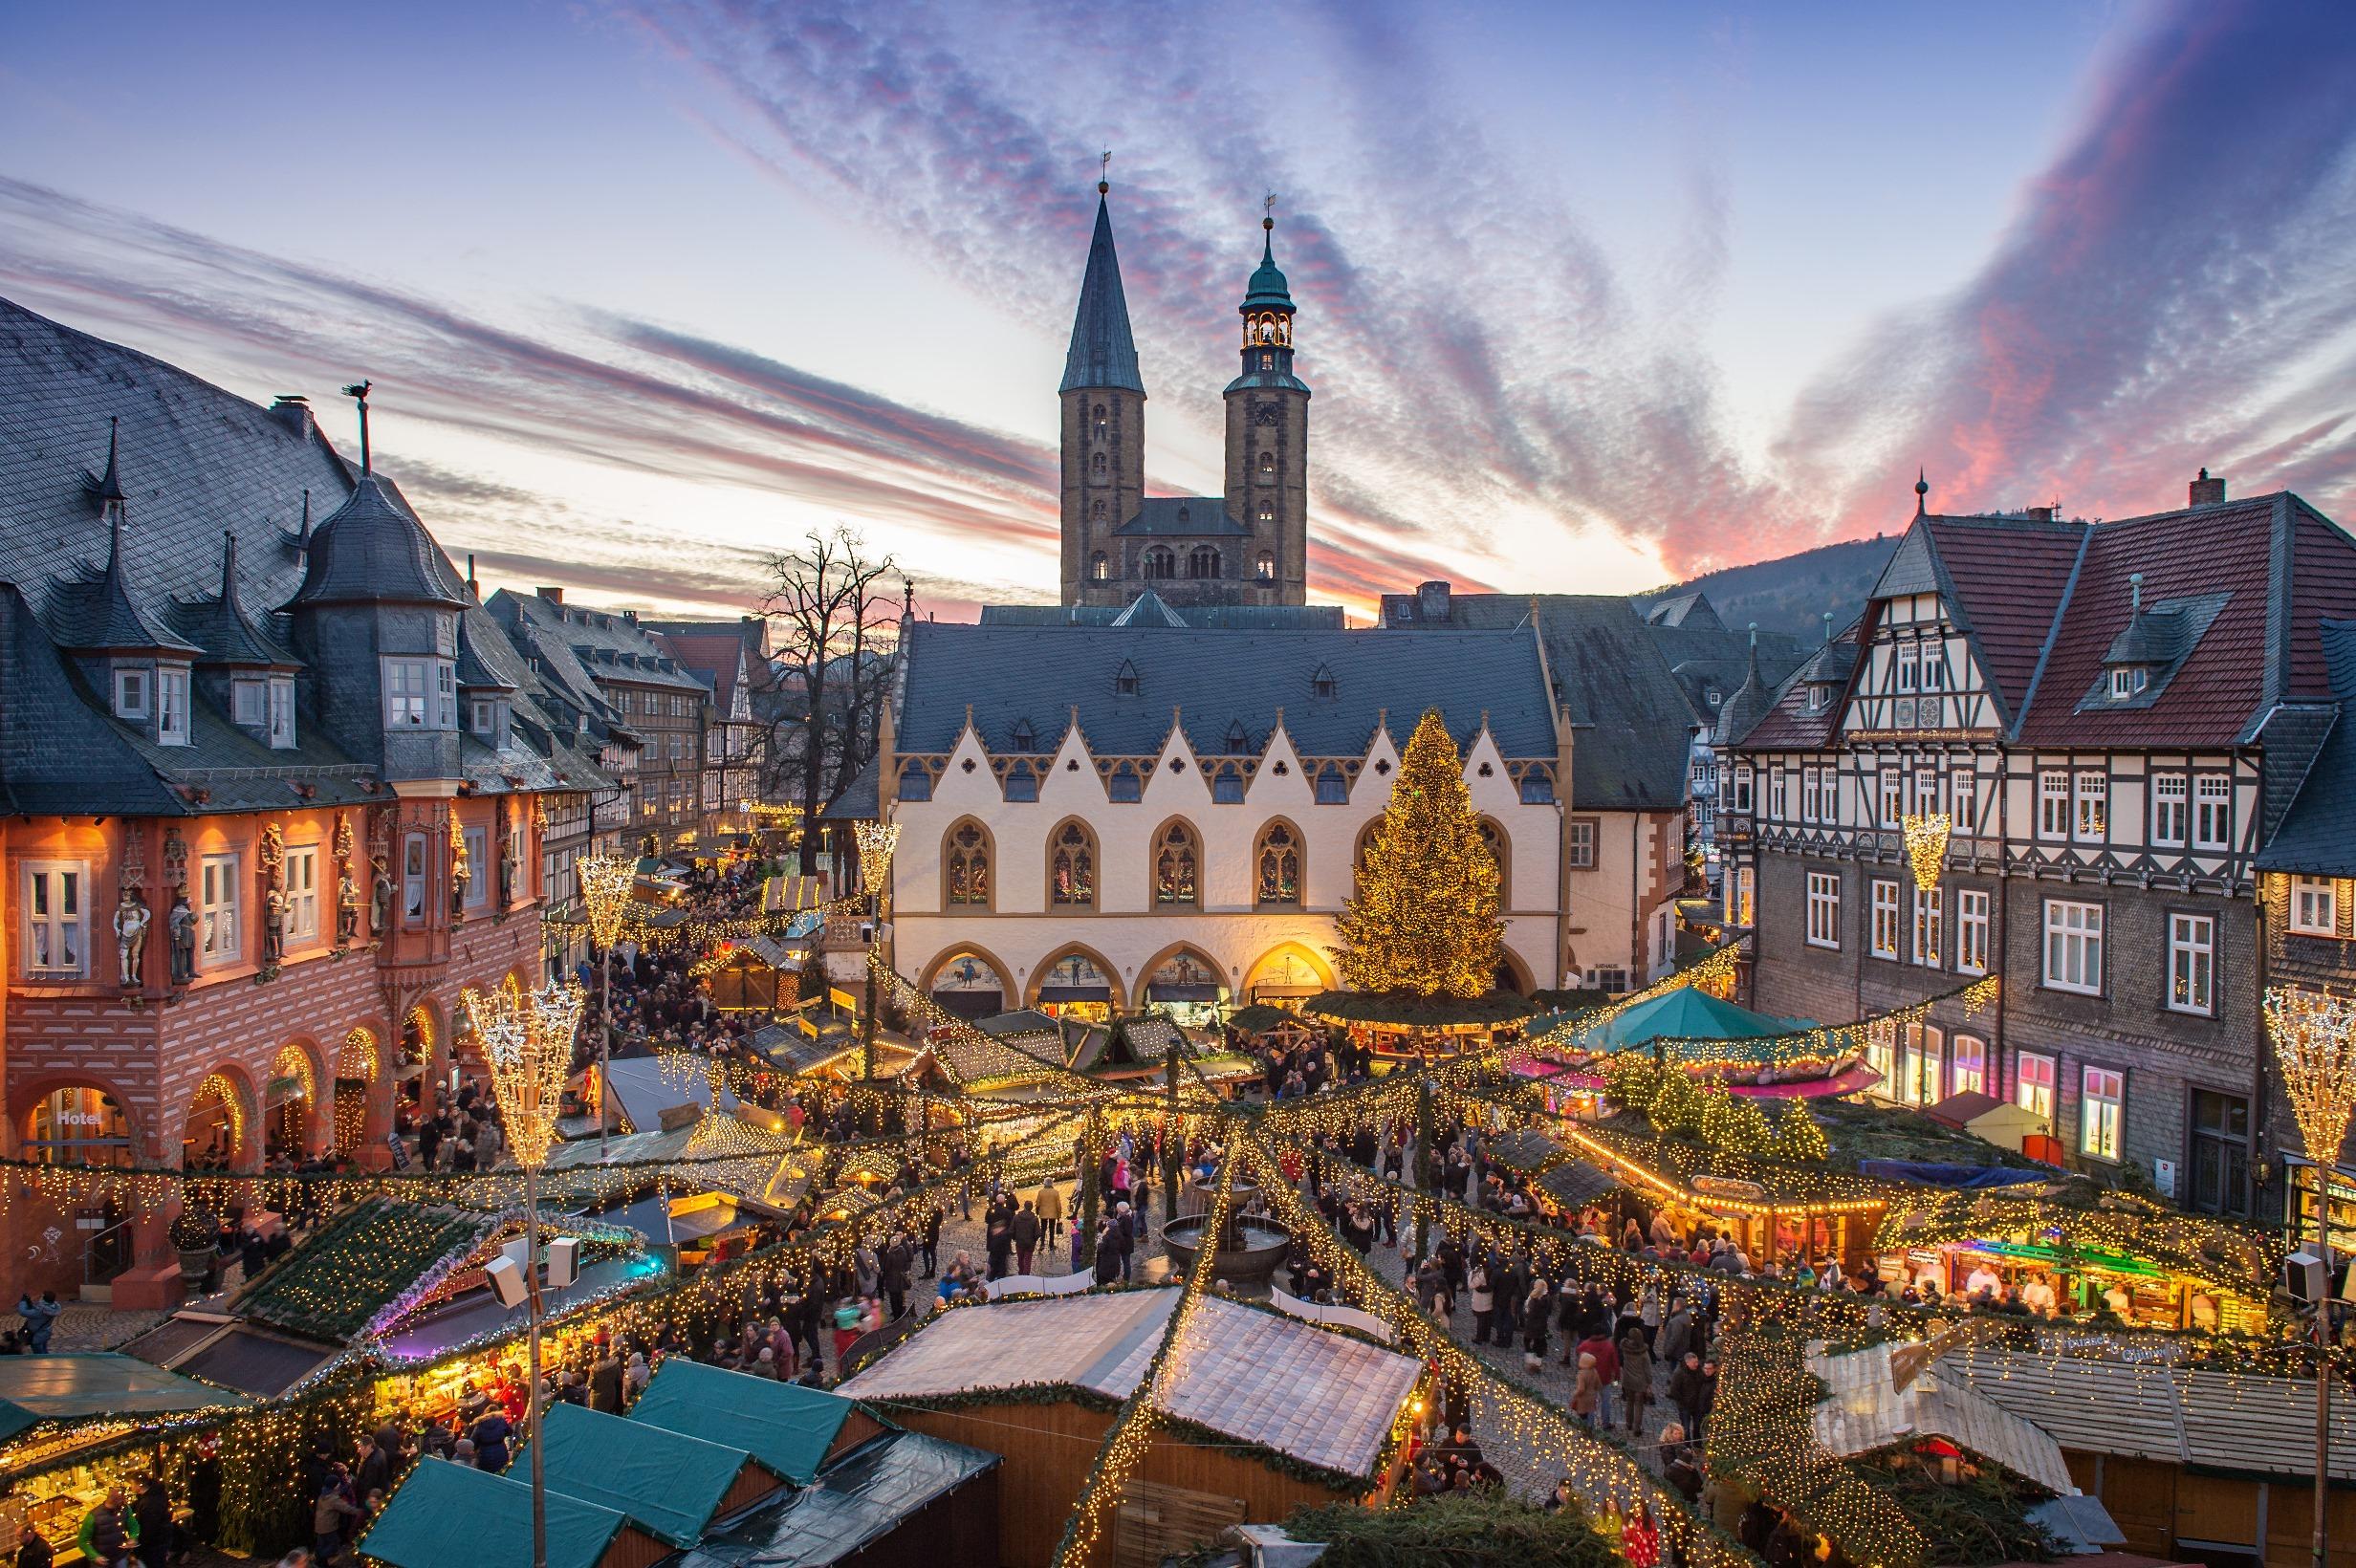 laternenumzug und offizielle weihnachtsmarkter ffnung goslar am harz unesco weltkulturerbe. Black Bedroom Furniture Sets. Home Design Ideas